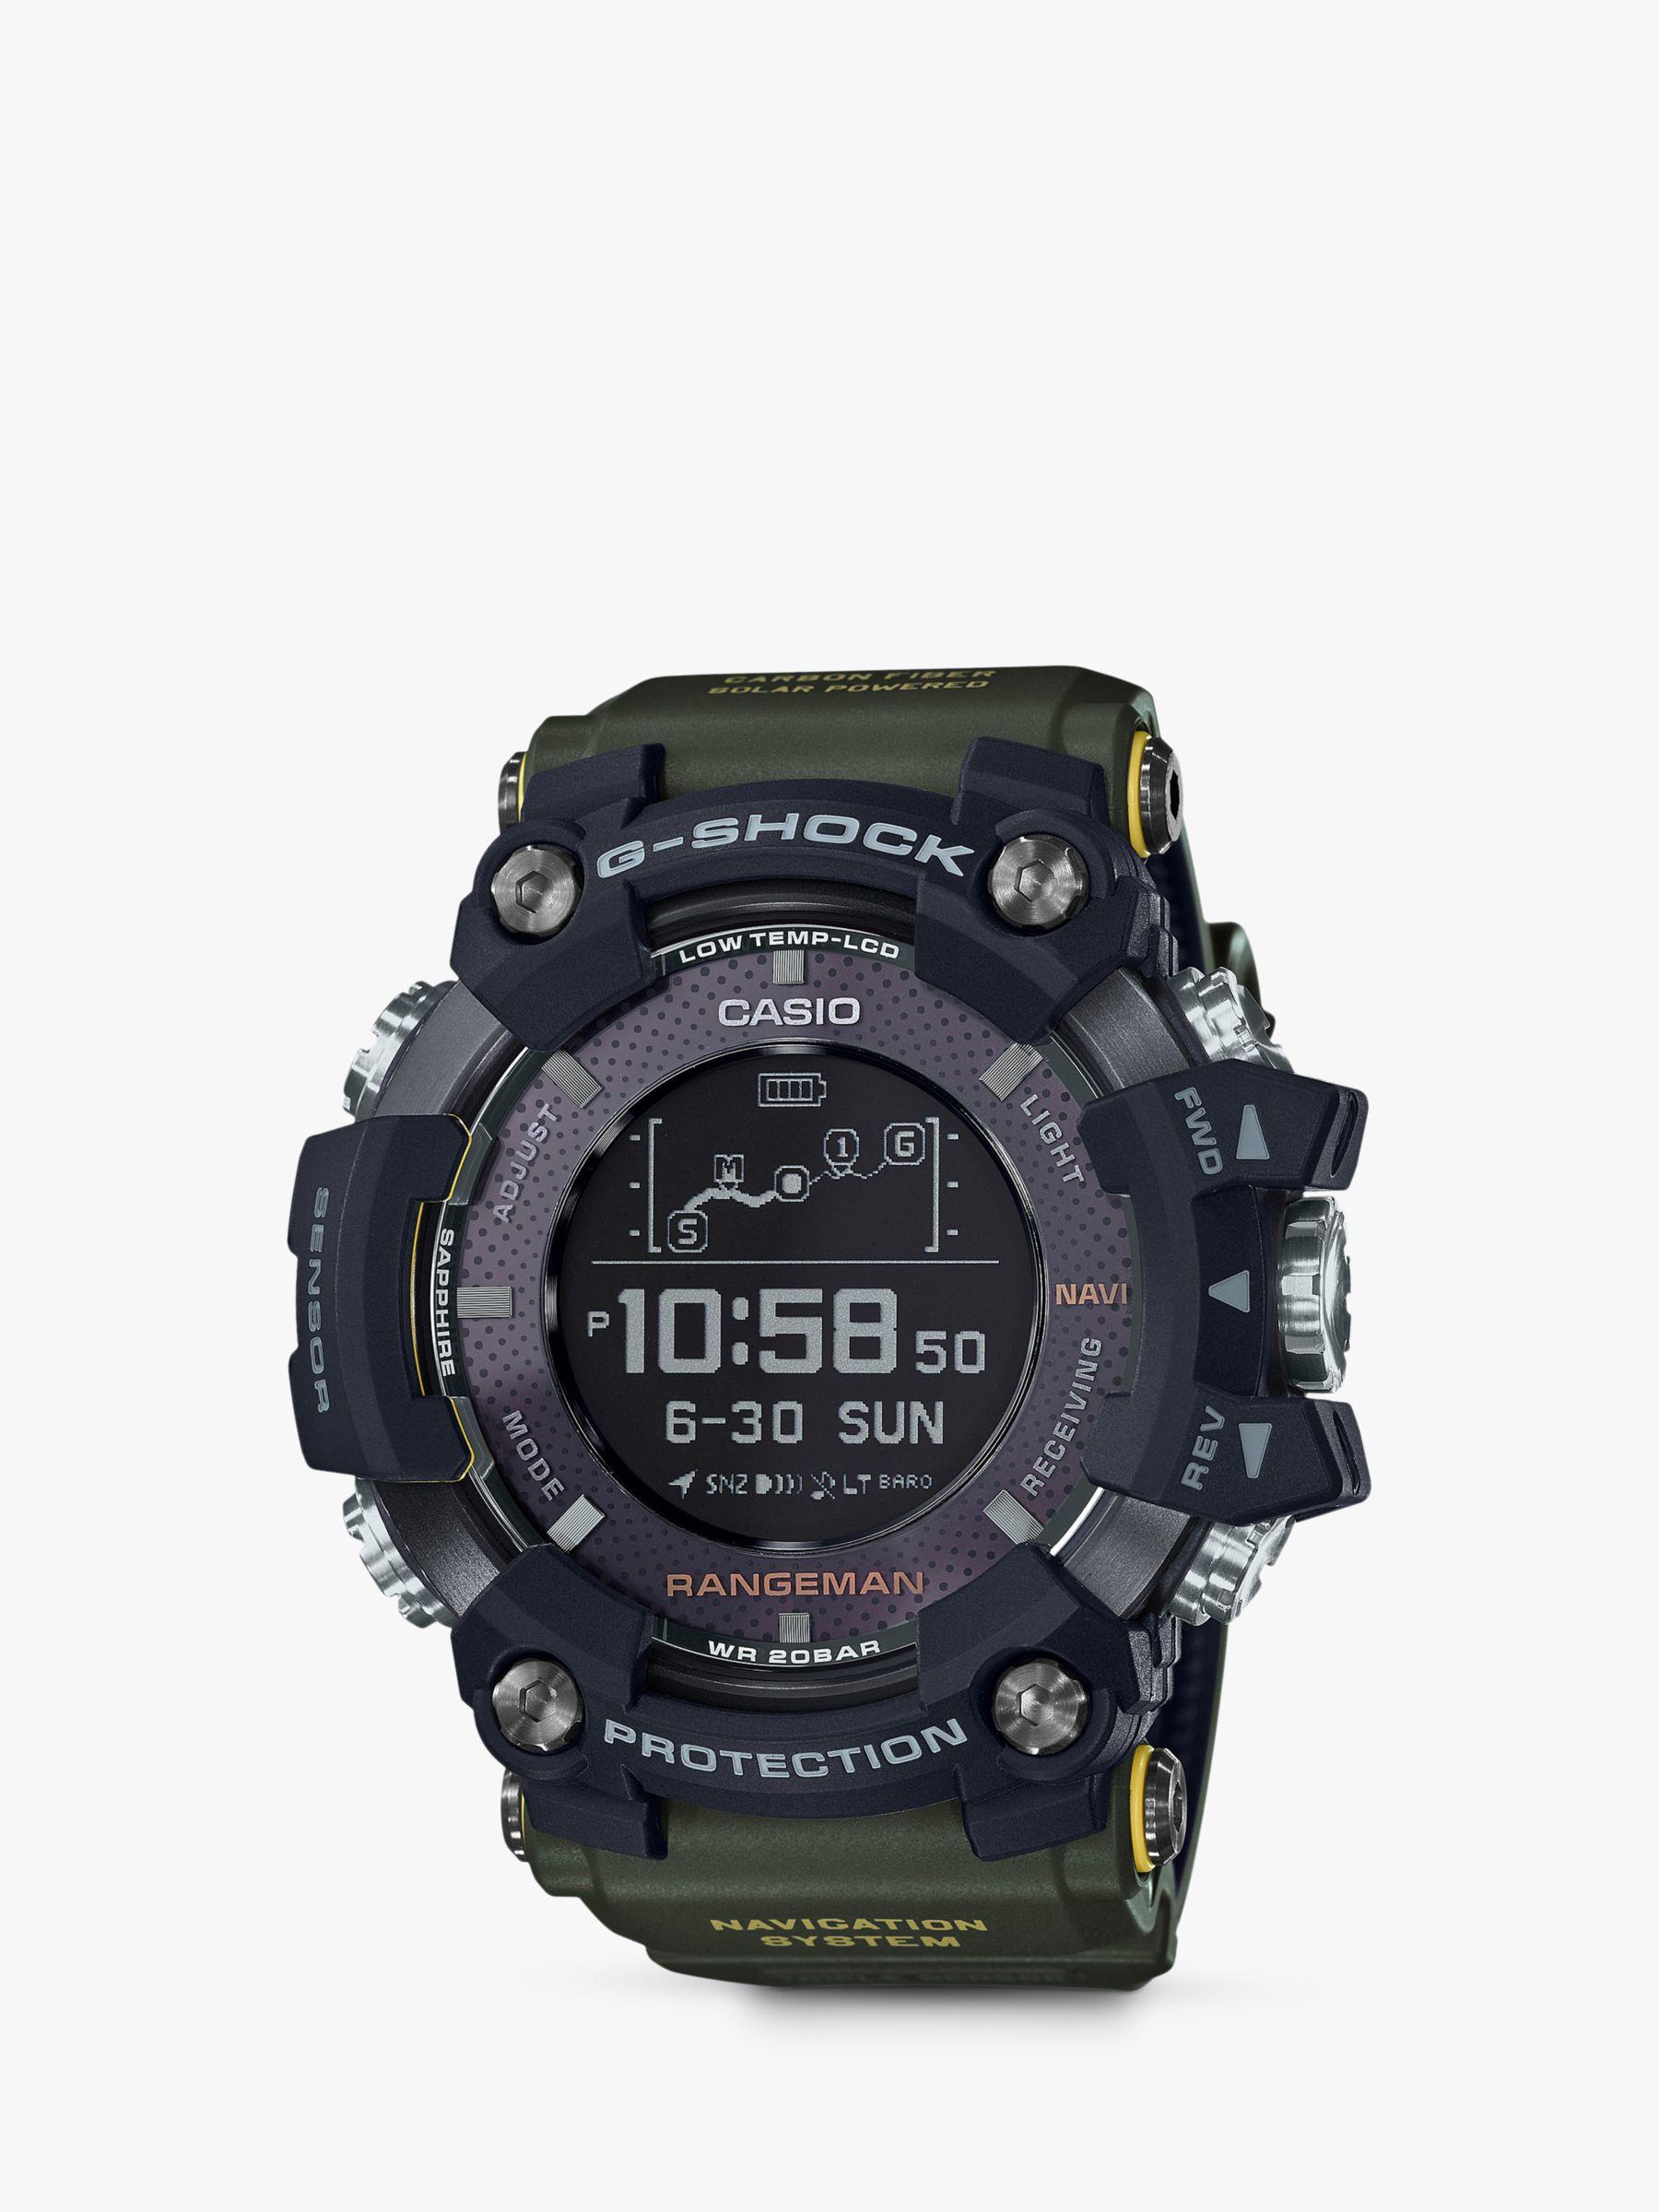 Casio Casio GPR-B1000-1BER Men's G-Shock Rangeman Resin Strap Watch, Green/Black